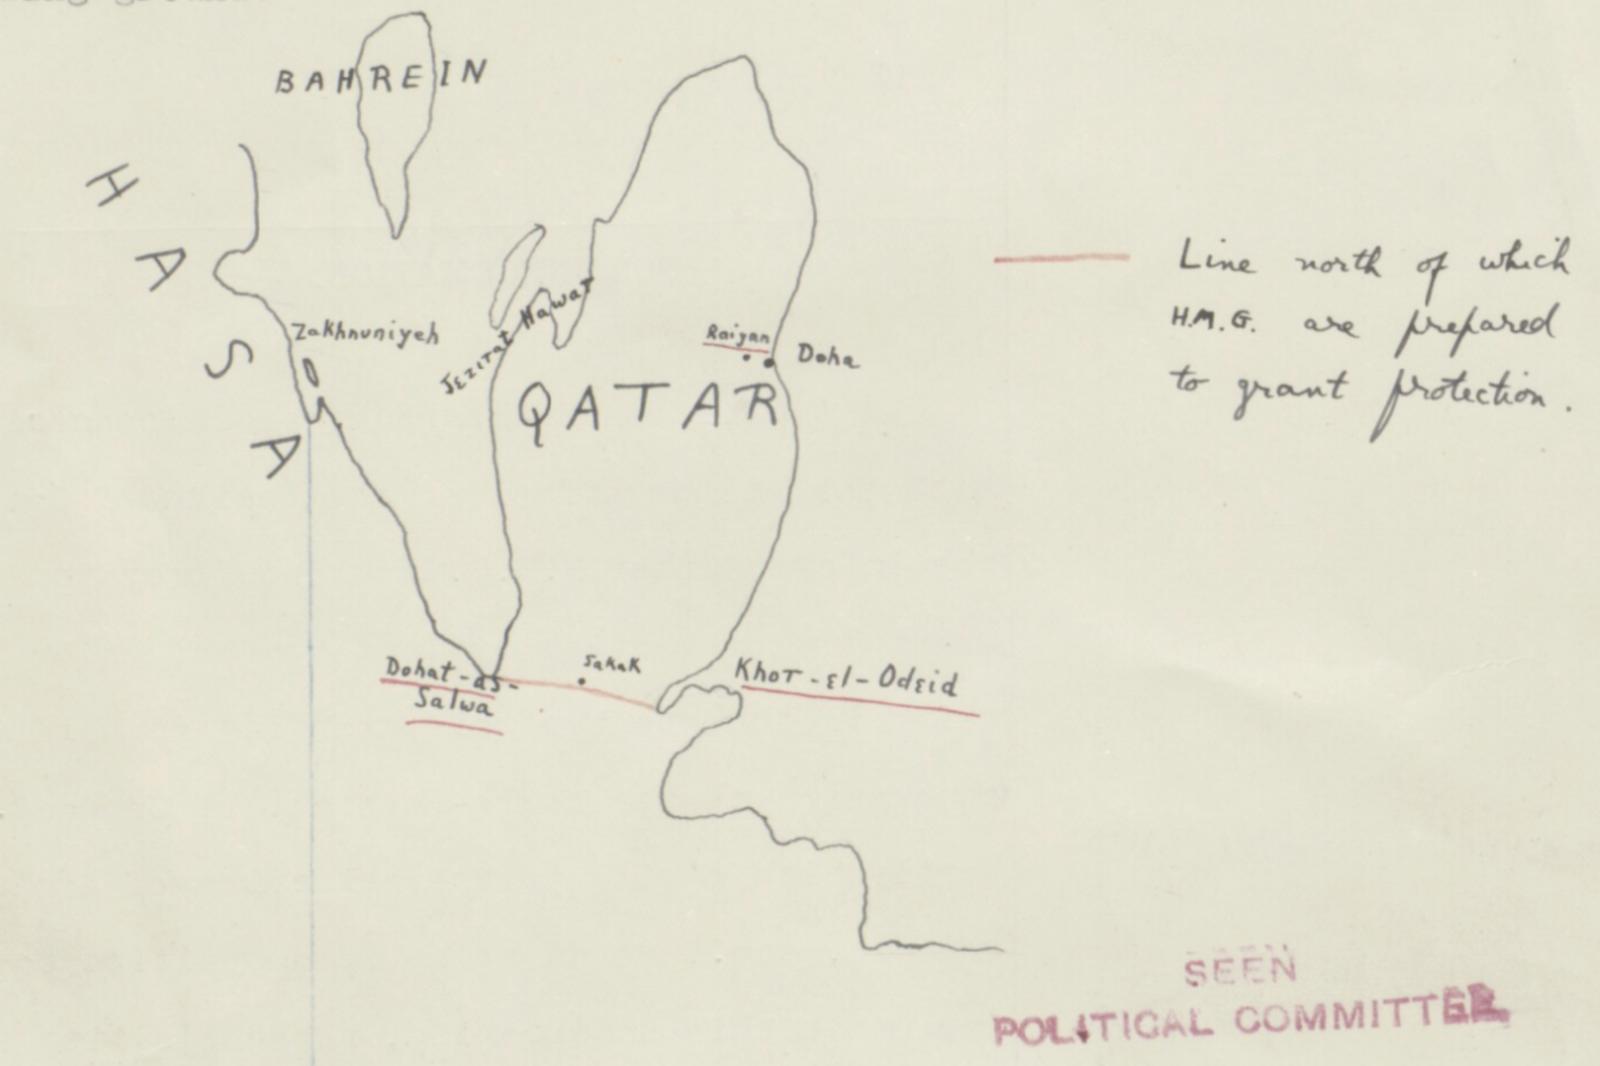 Handteikna kart frå 25. juni 1934 over Qatar. Merk den raude lina i sør som viser kvar Storbritannia er viljuge til å tilby vern.( IOR/L/PS/12/1956 )